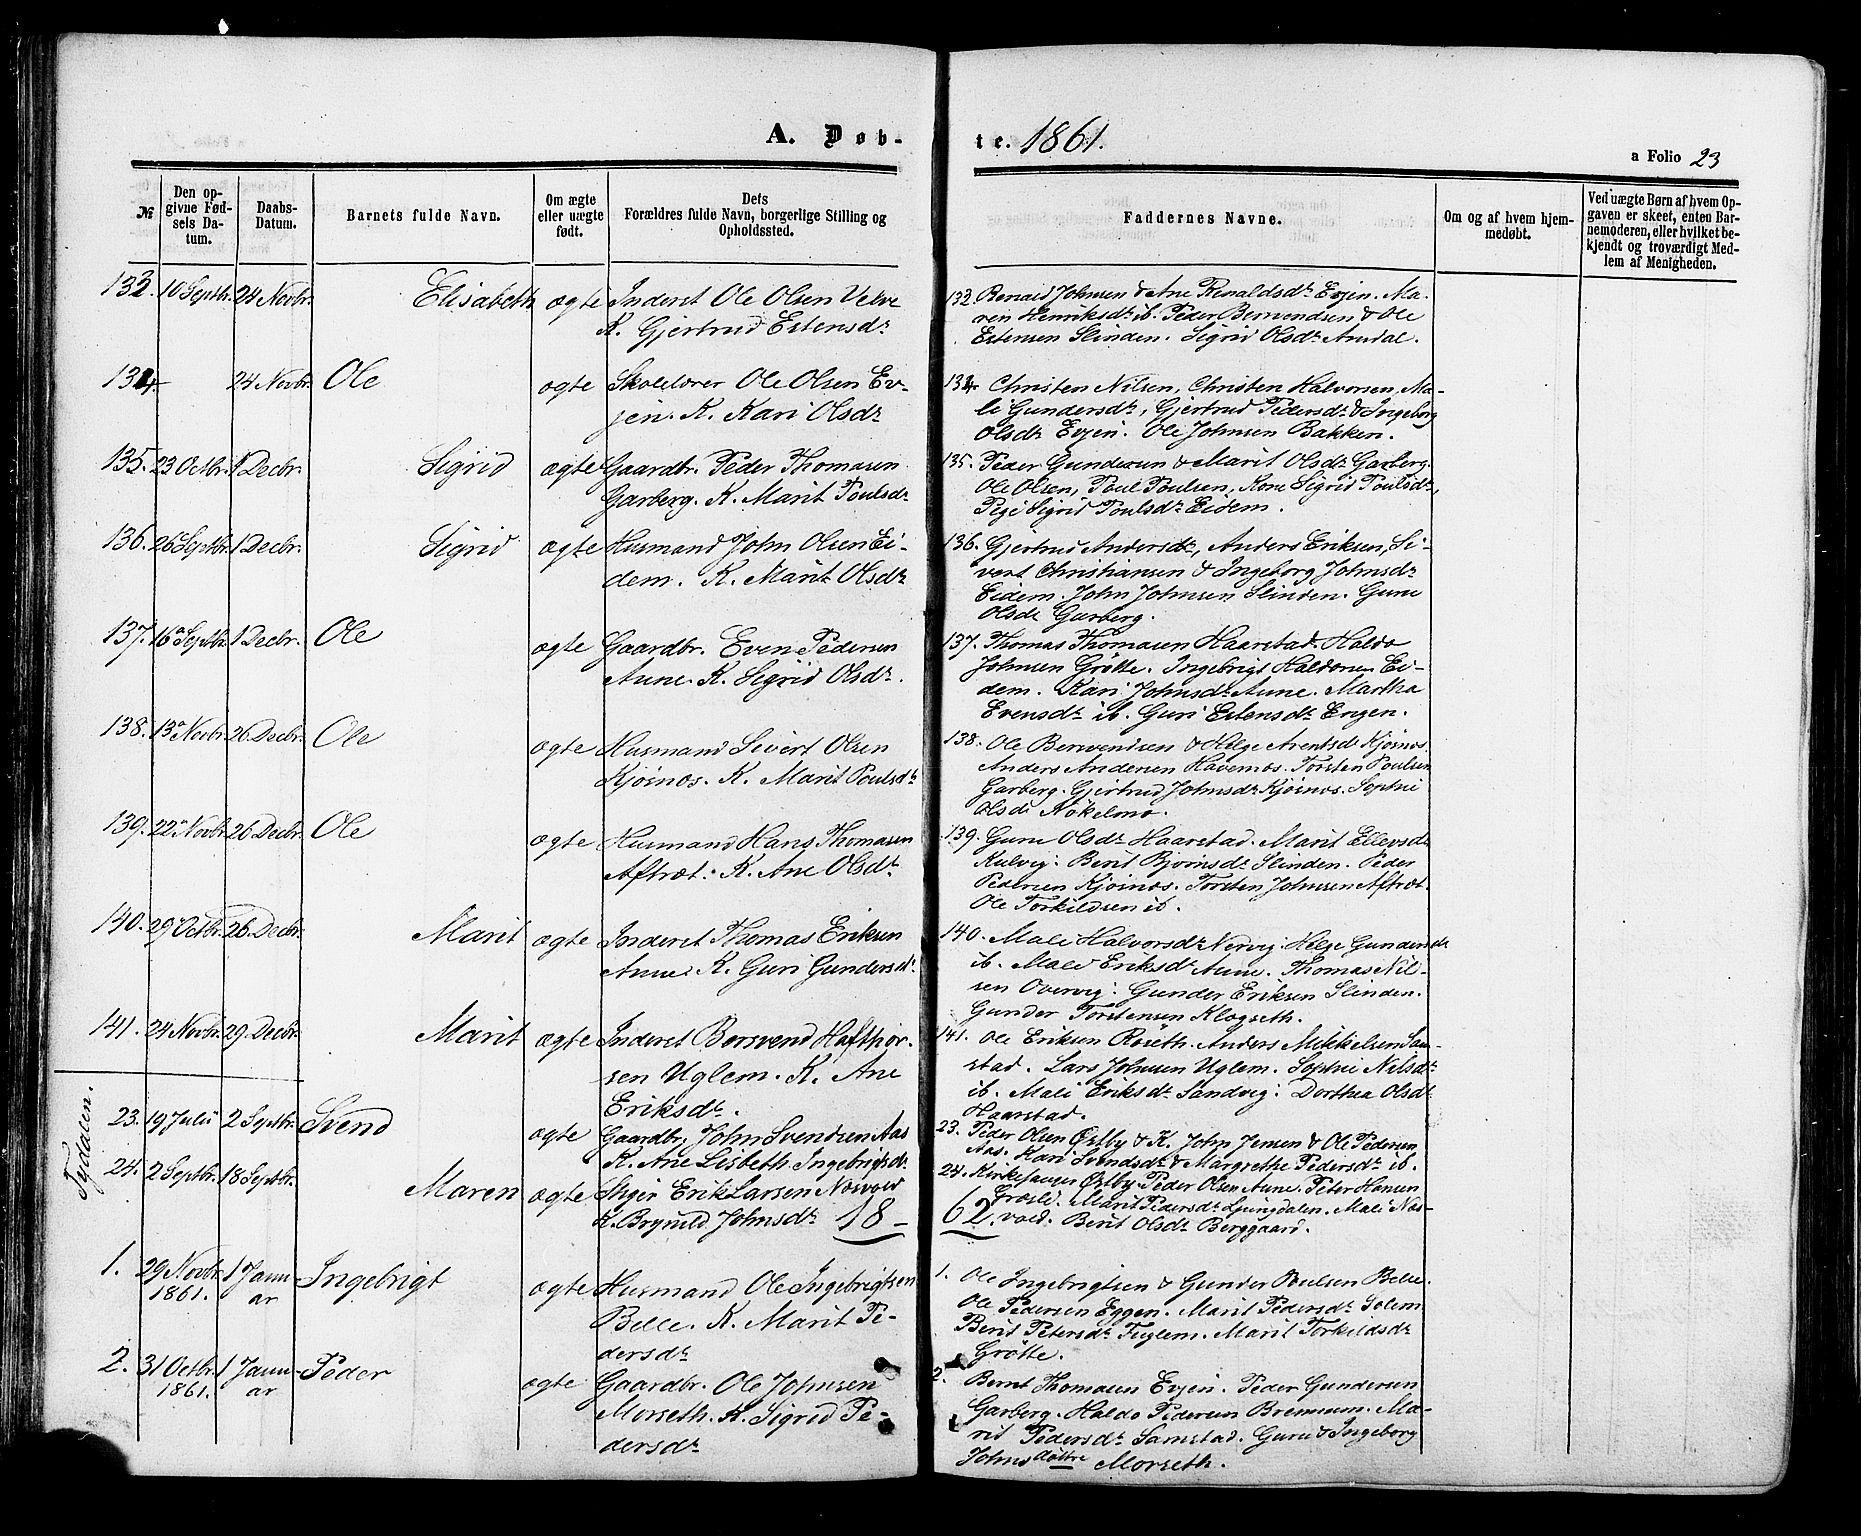 SAT, Ministerialprotokoller, klokkerbøker og fødselsregistre - Sør-Trøndelag, 695/L1147: Ministerialbok nr. 695A07, 1860-1877, s. 23